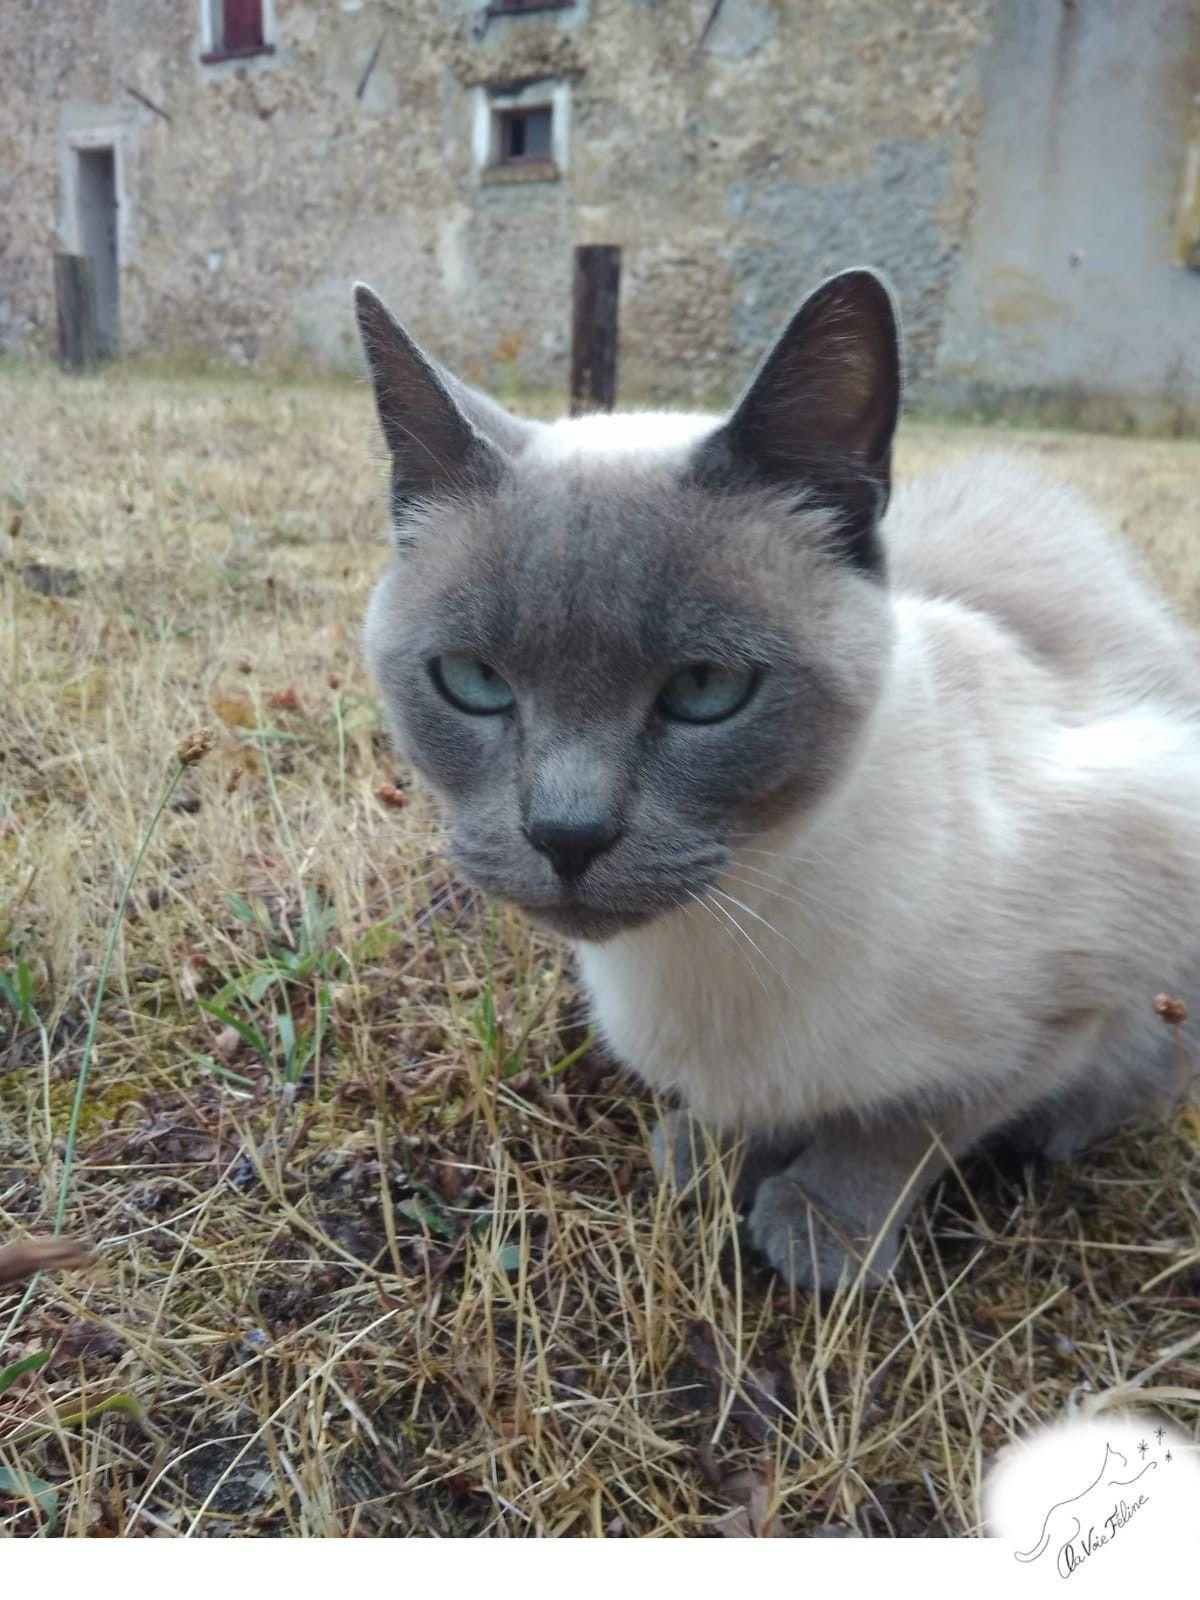 Iris - Adopter un chat – Ile de France